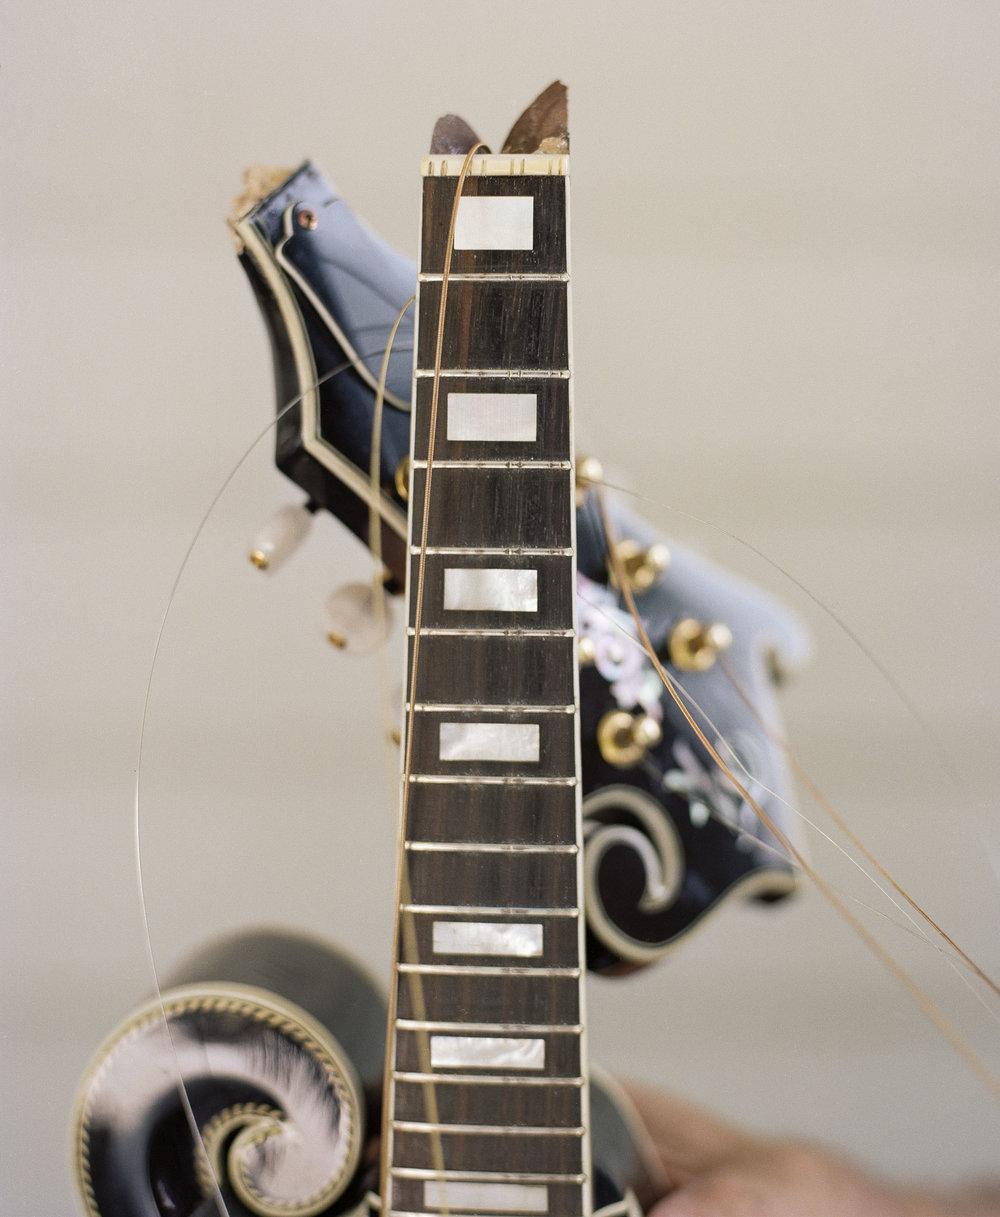 Bluegrass_website_11.jpg